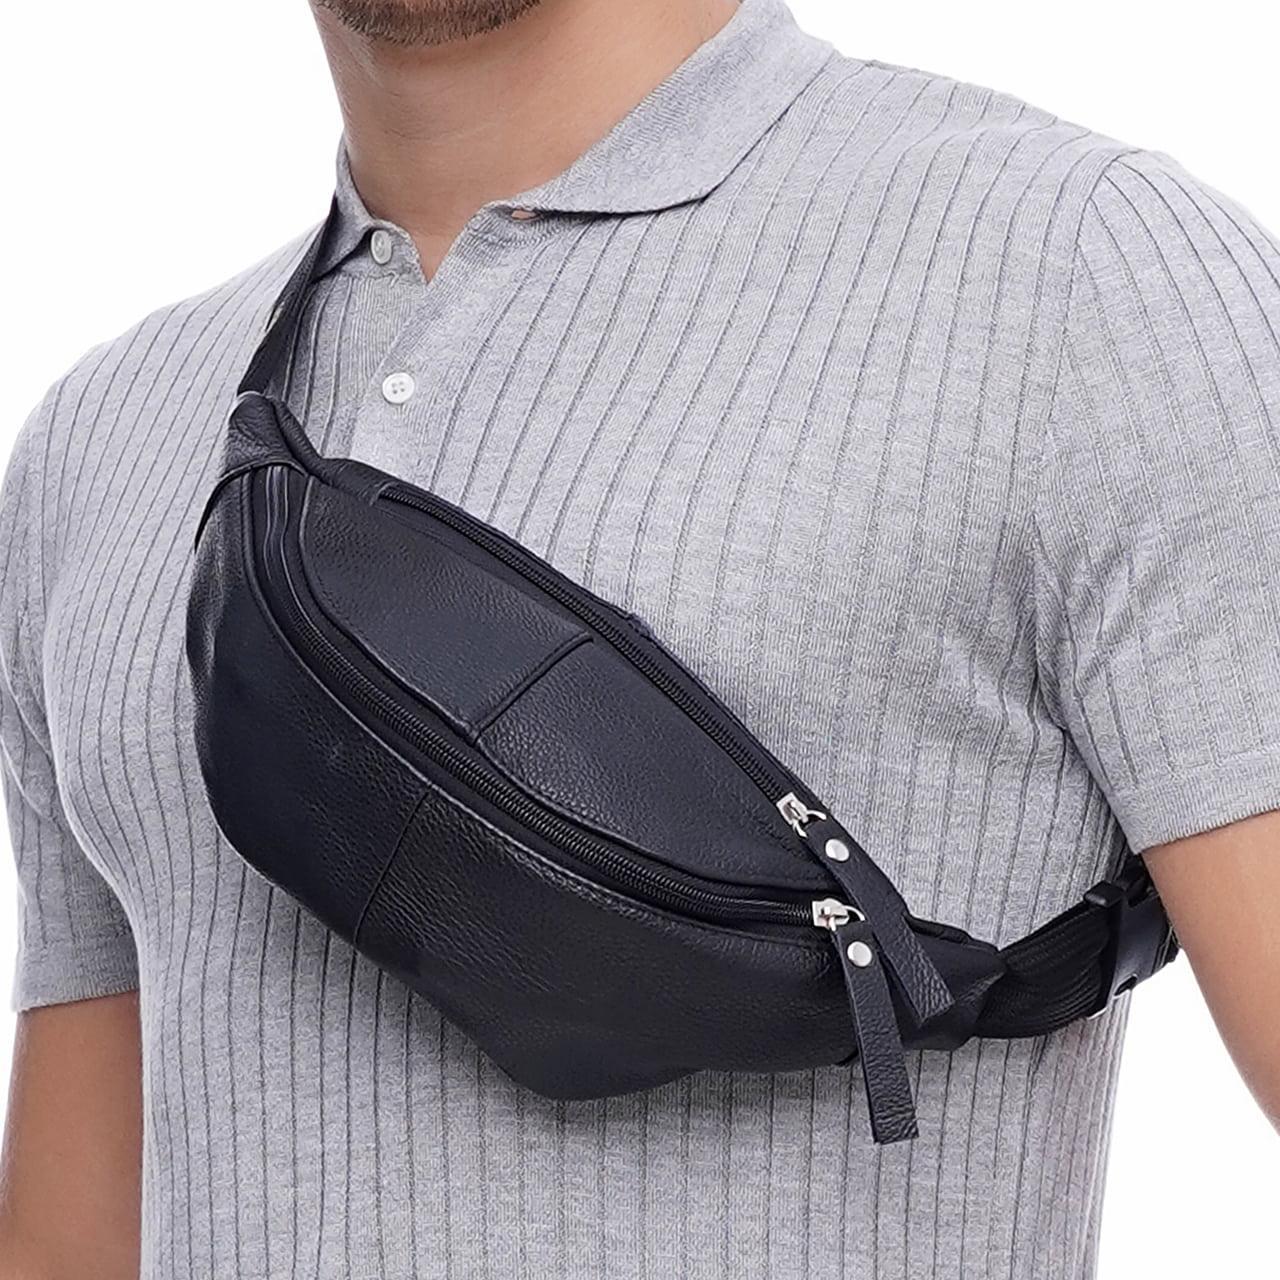 Кожаная сумка на пояс Vita, цвет Чорный